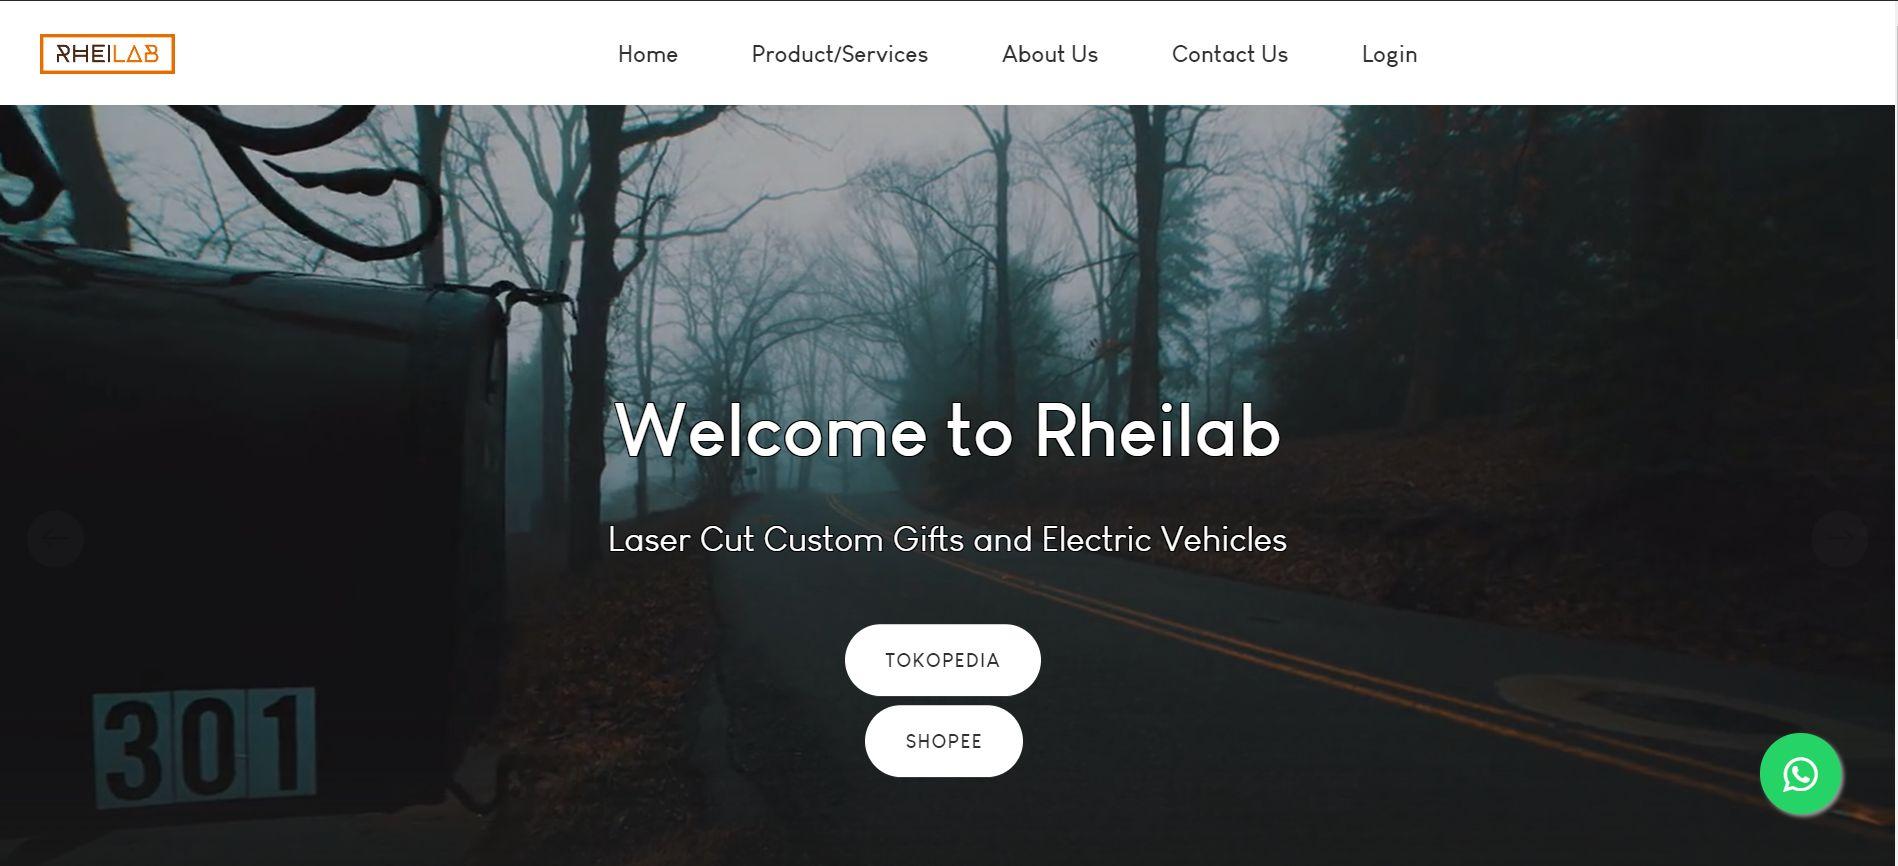 Web Company Profile Rheilab